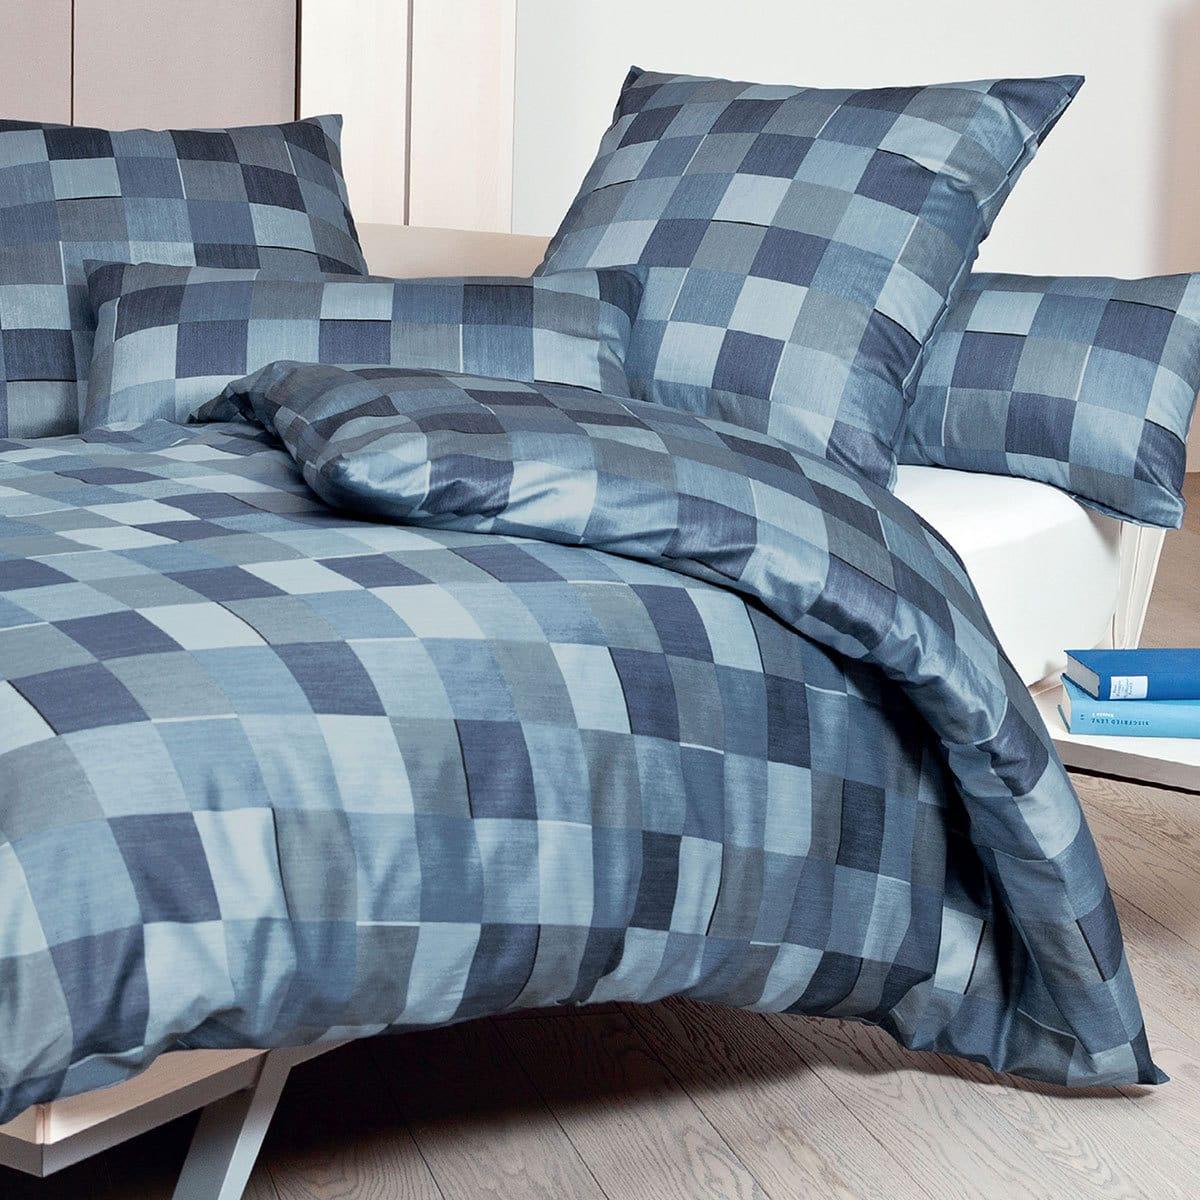 janine interlock feinjersey bettw sche carmen 53030 02 blau g nstig online kaufen bei bettwaren shop. Black Bedroom Furniture Sets. Home Design Ideas